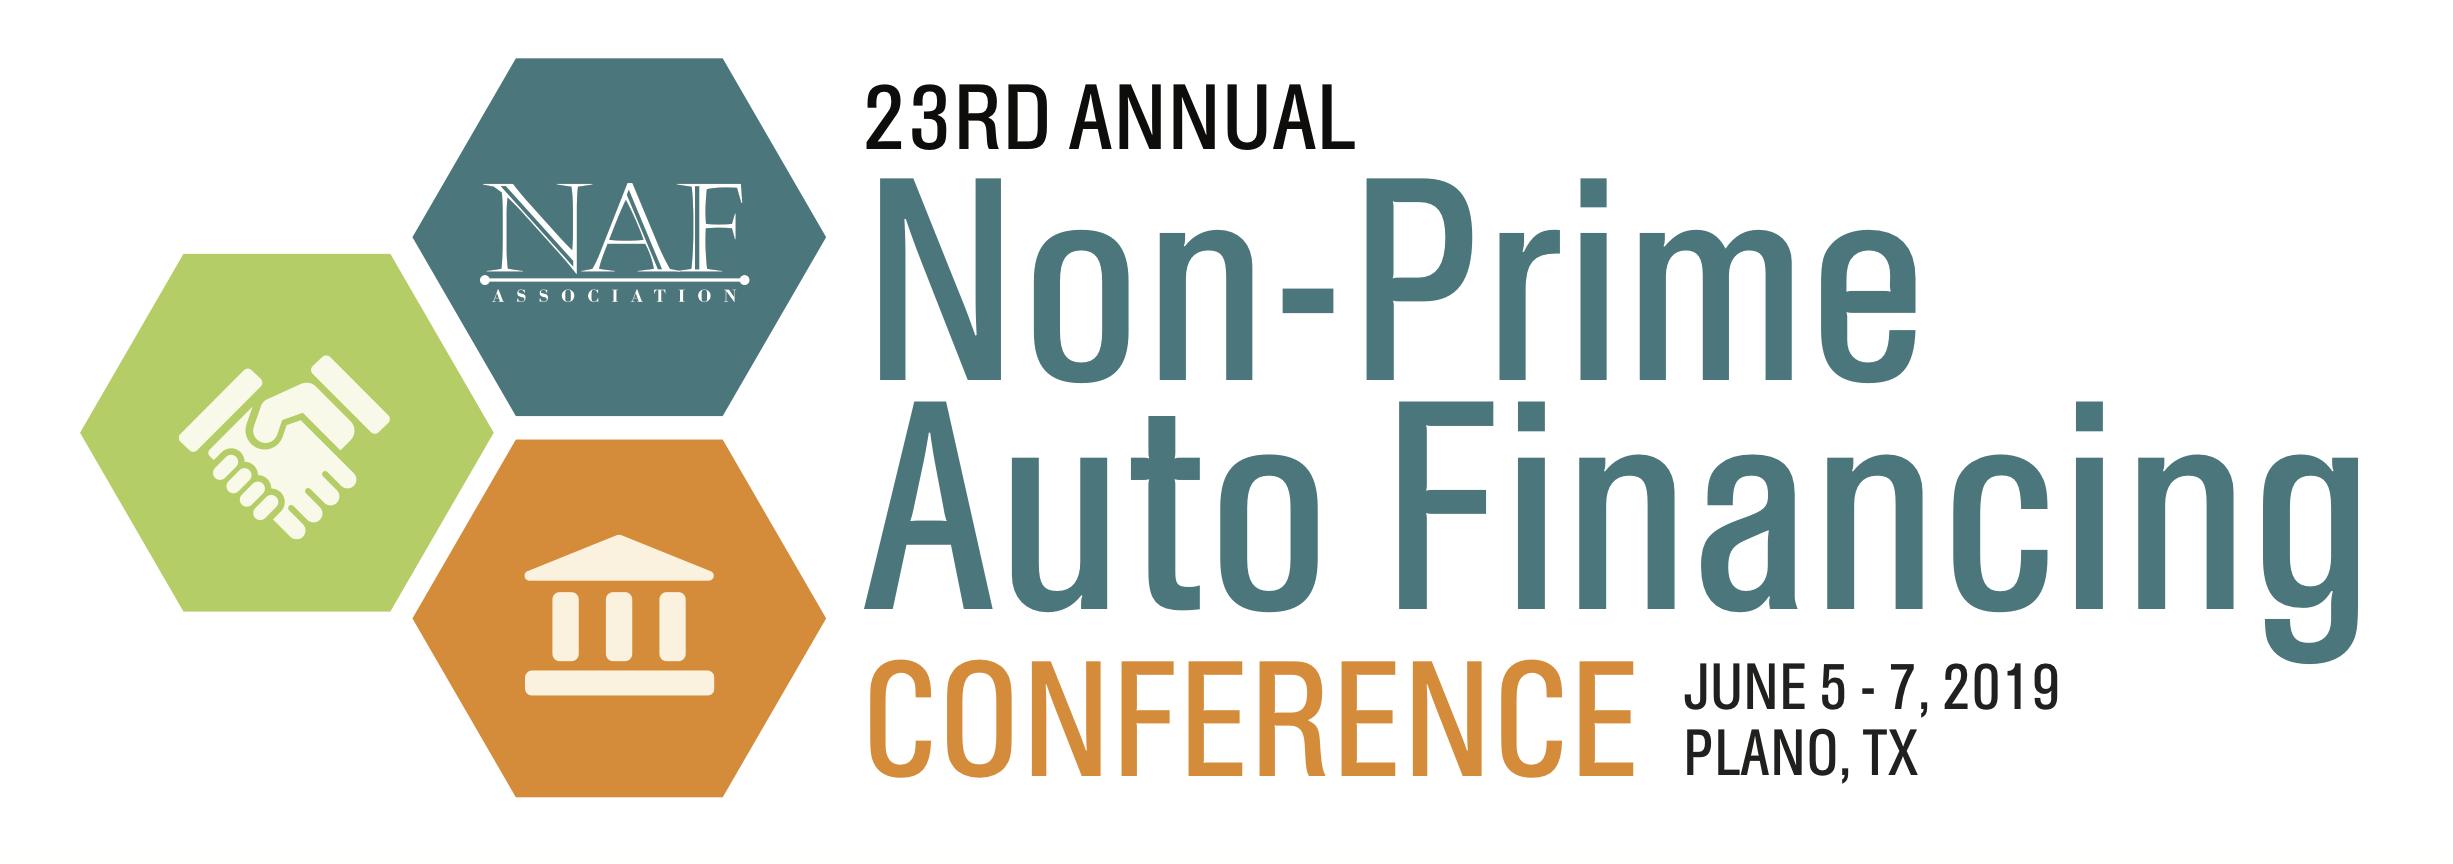 Non-Prime Auto Financing Conference